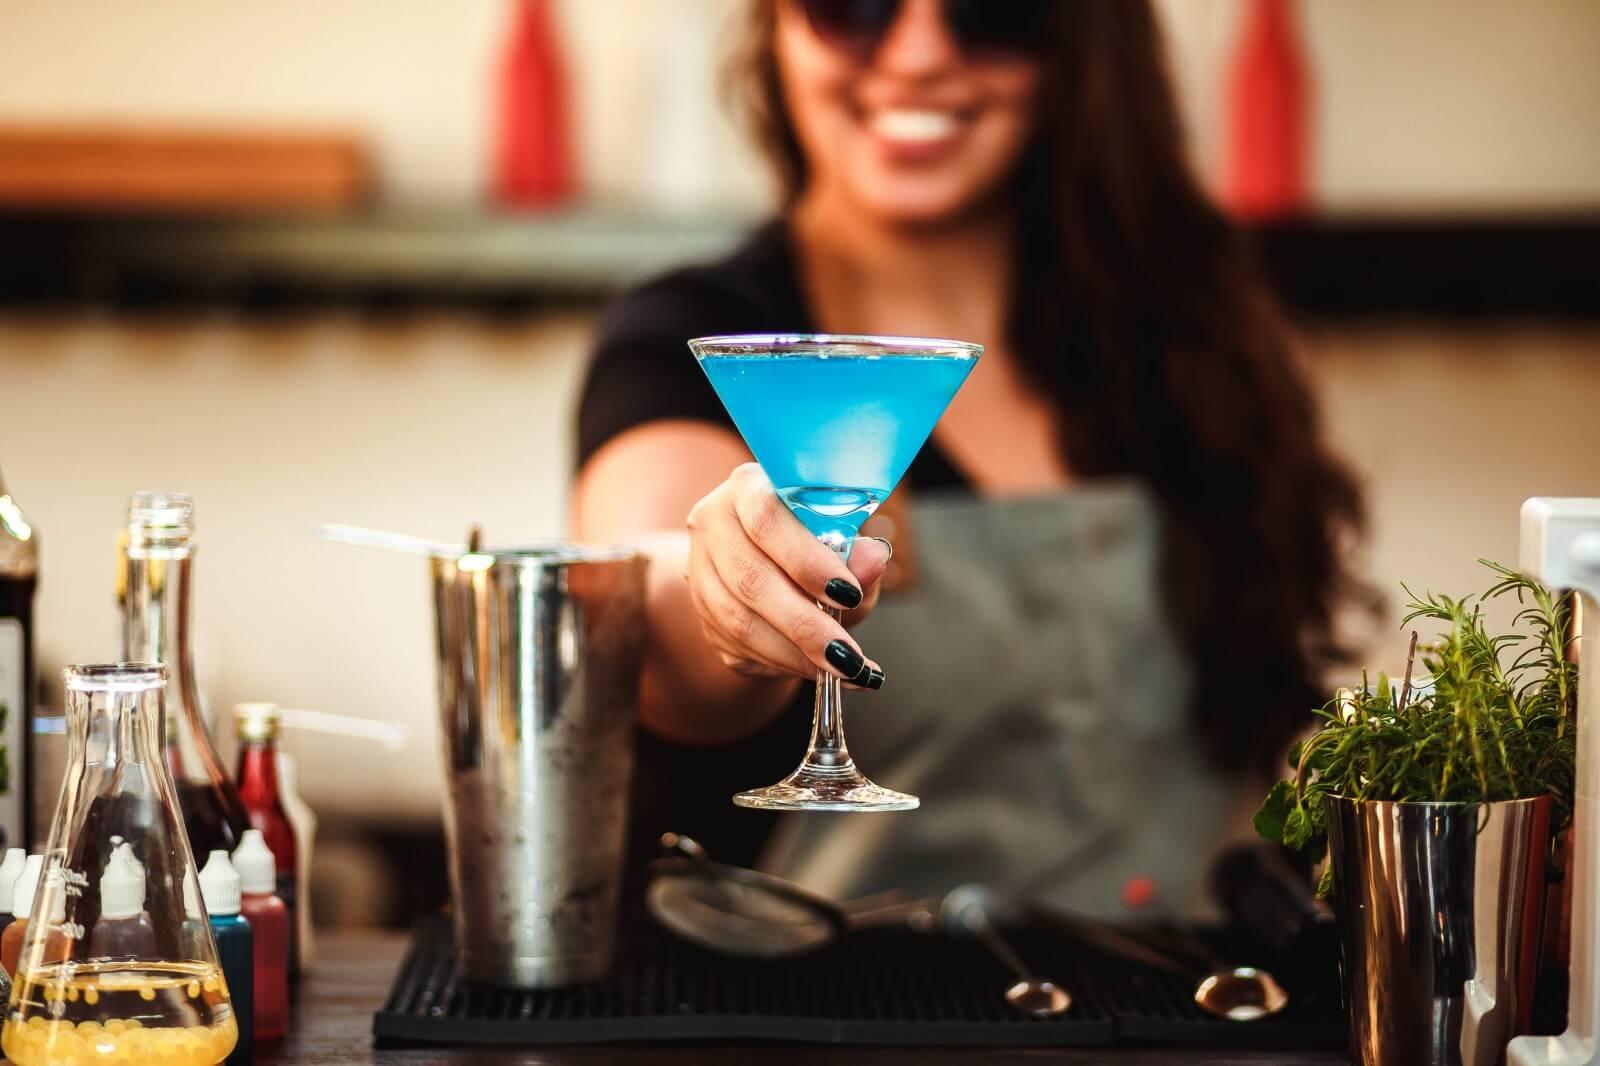 【台中酒吧推薦】老司機帶路神秘地下酒吧,台中6間質感特色酒吧整理